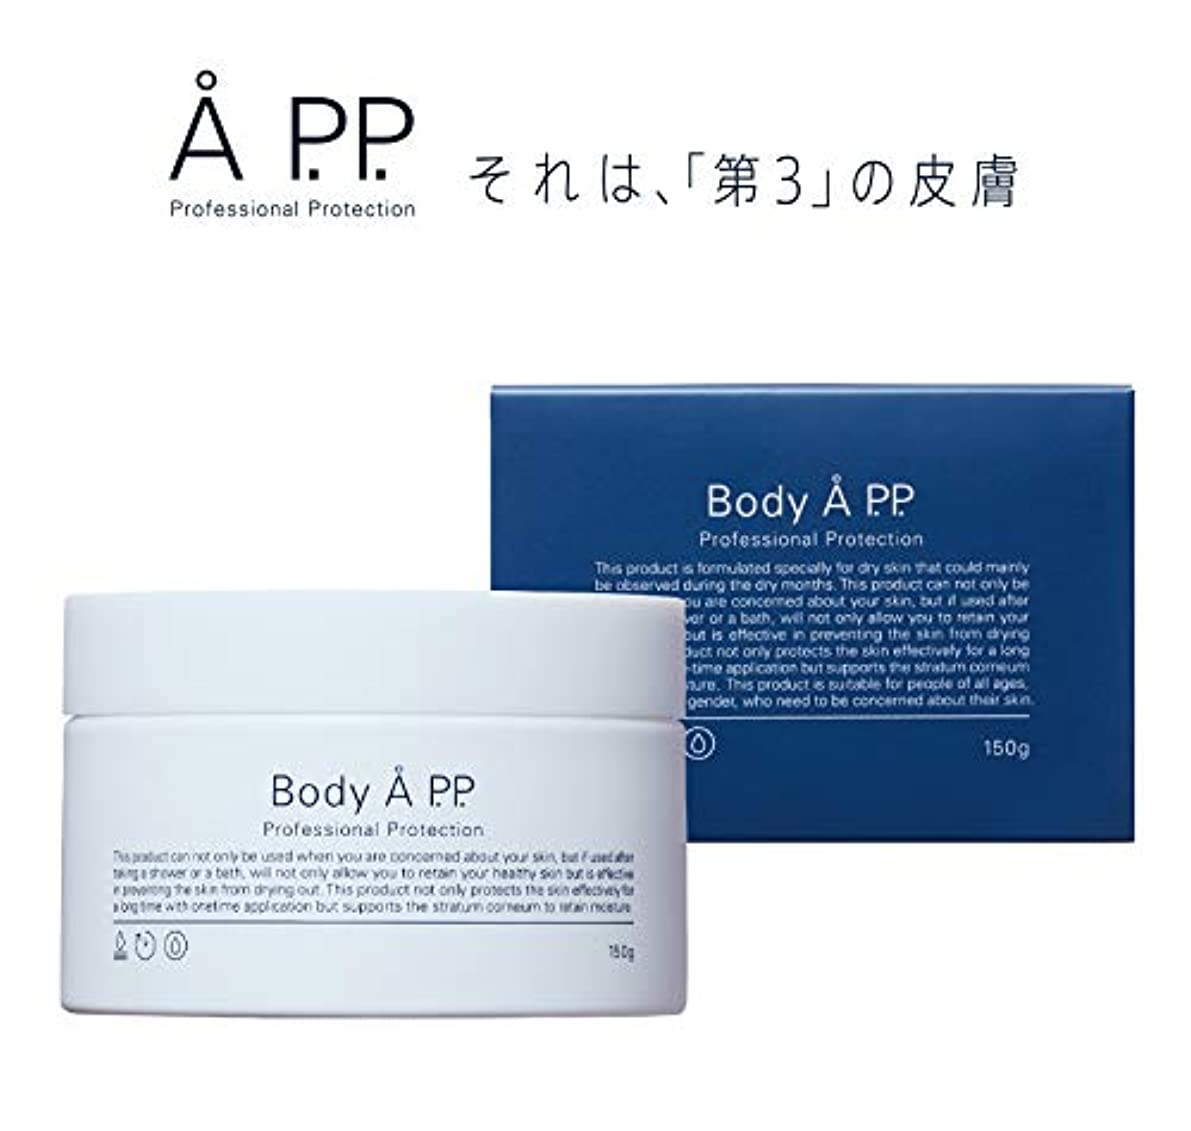 炭素音声学まだBody A P.P. プロフェッショナルプロテクション 高機能 ボディクリーム ボディークリーム 人気 ランキング 保湿 無香料 150g (1個)